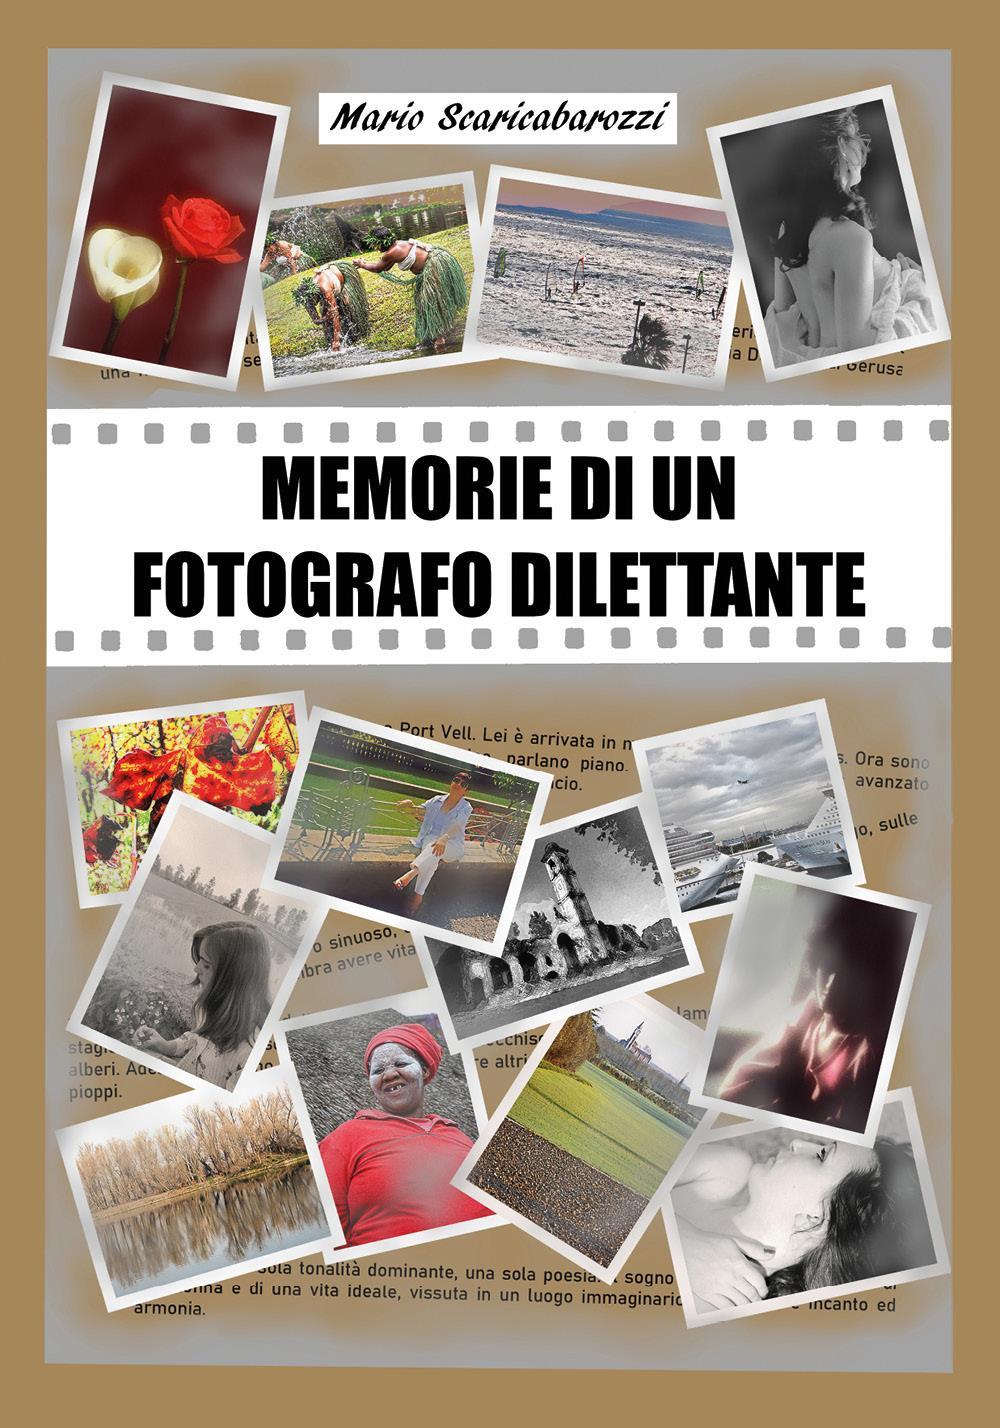 Memorie di un fotografo dilettante